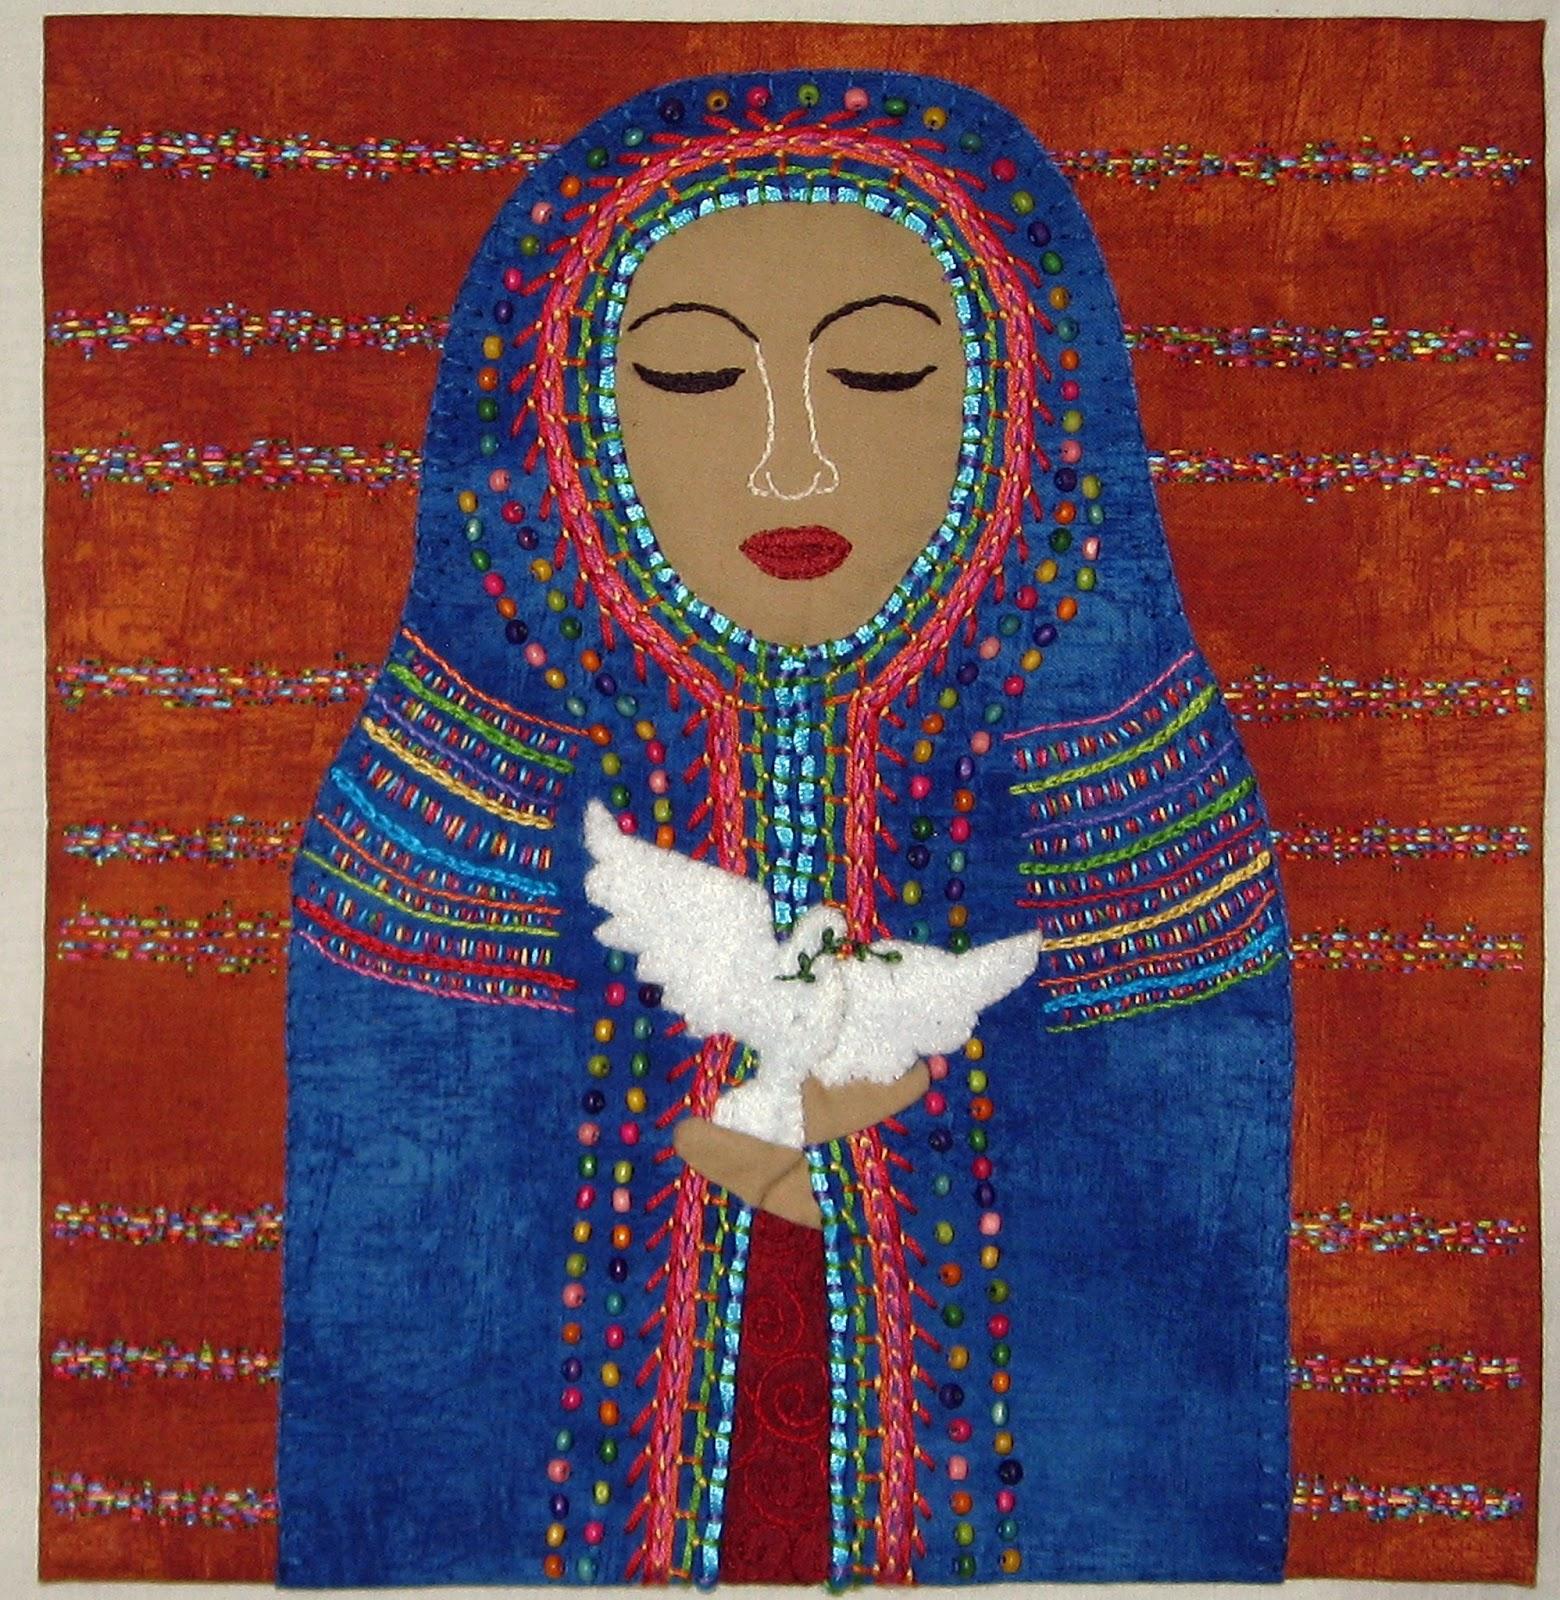 http://1.bp.blogspot.com/-fUSXnU0yrRc/UU_RcAj6OzI/AAAAAAAAEWE/7JF5ZyooUqQ/s1600/Mexican-madonna-1.jpg